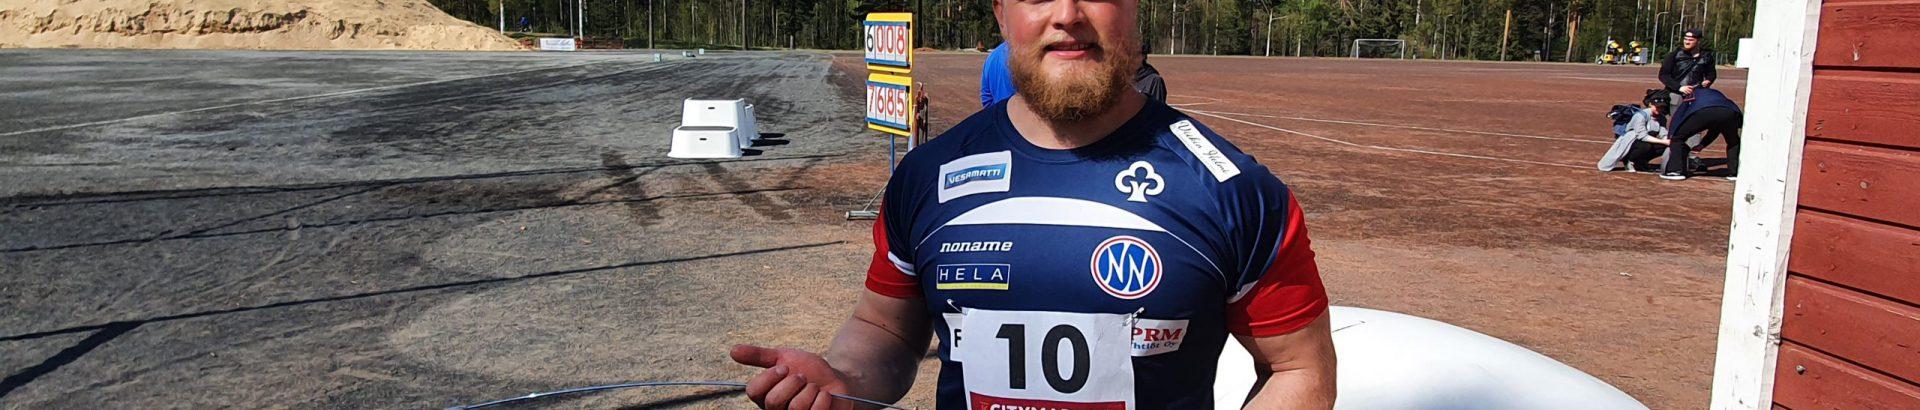 Tuomakselle hieno kauden avaus Kankaanpäässä!